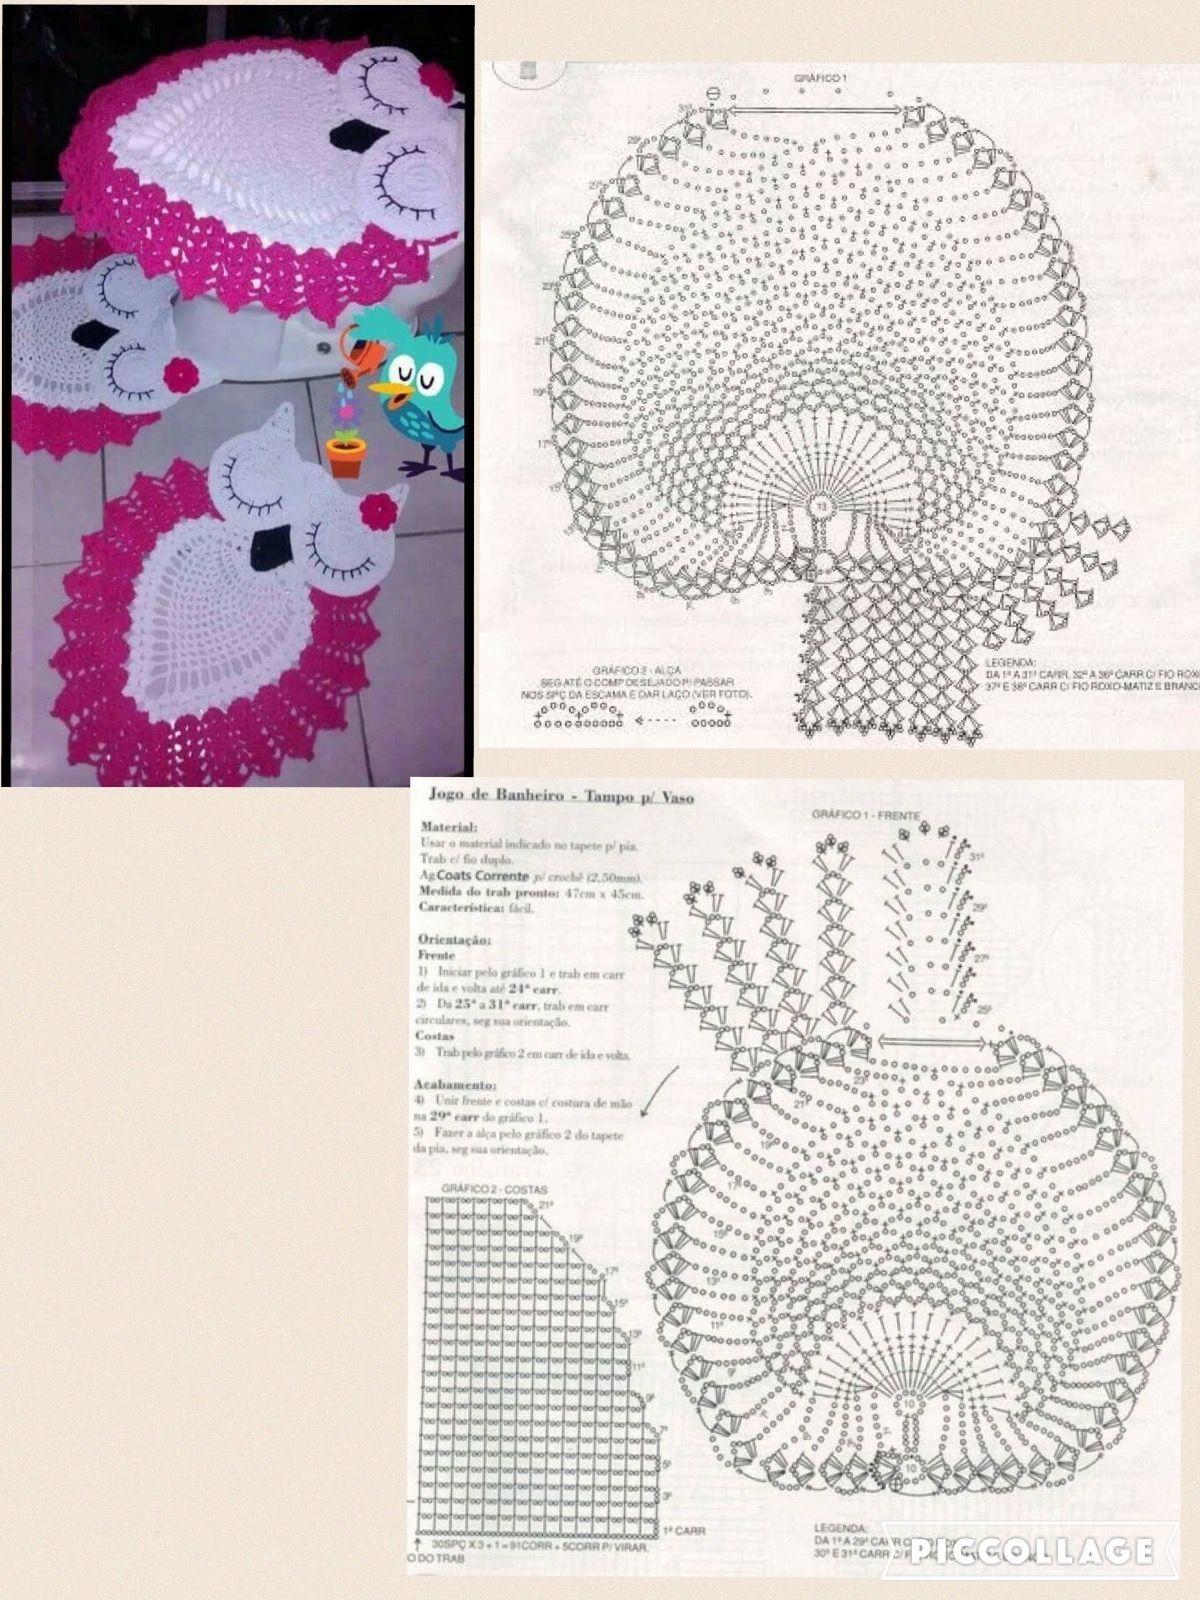 Juego de servicios | Juegos de baño | Pinterest | Crochet, Crochet ...